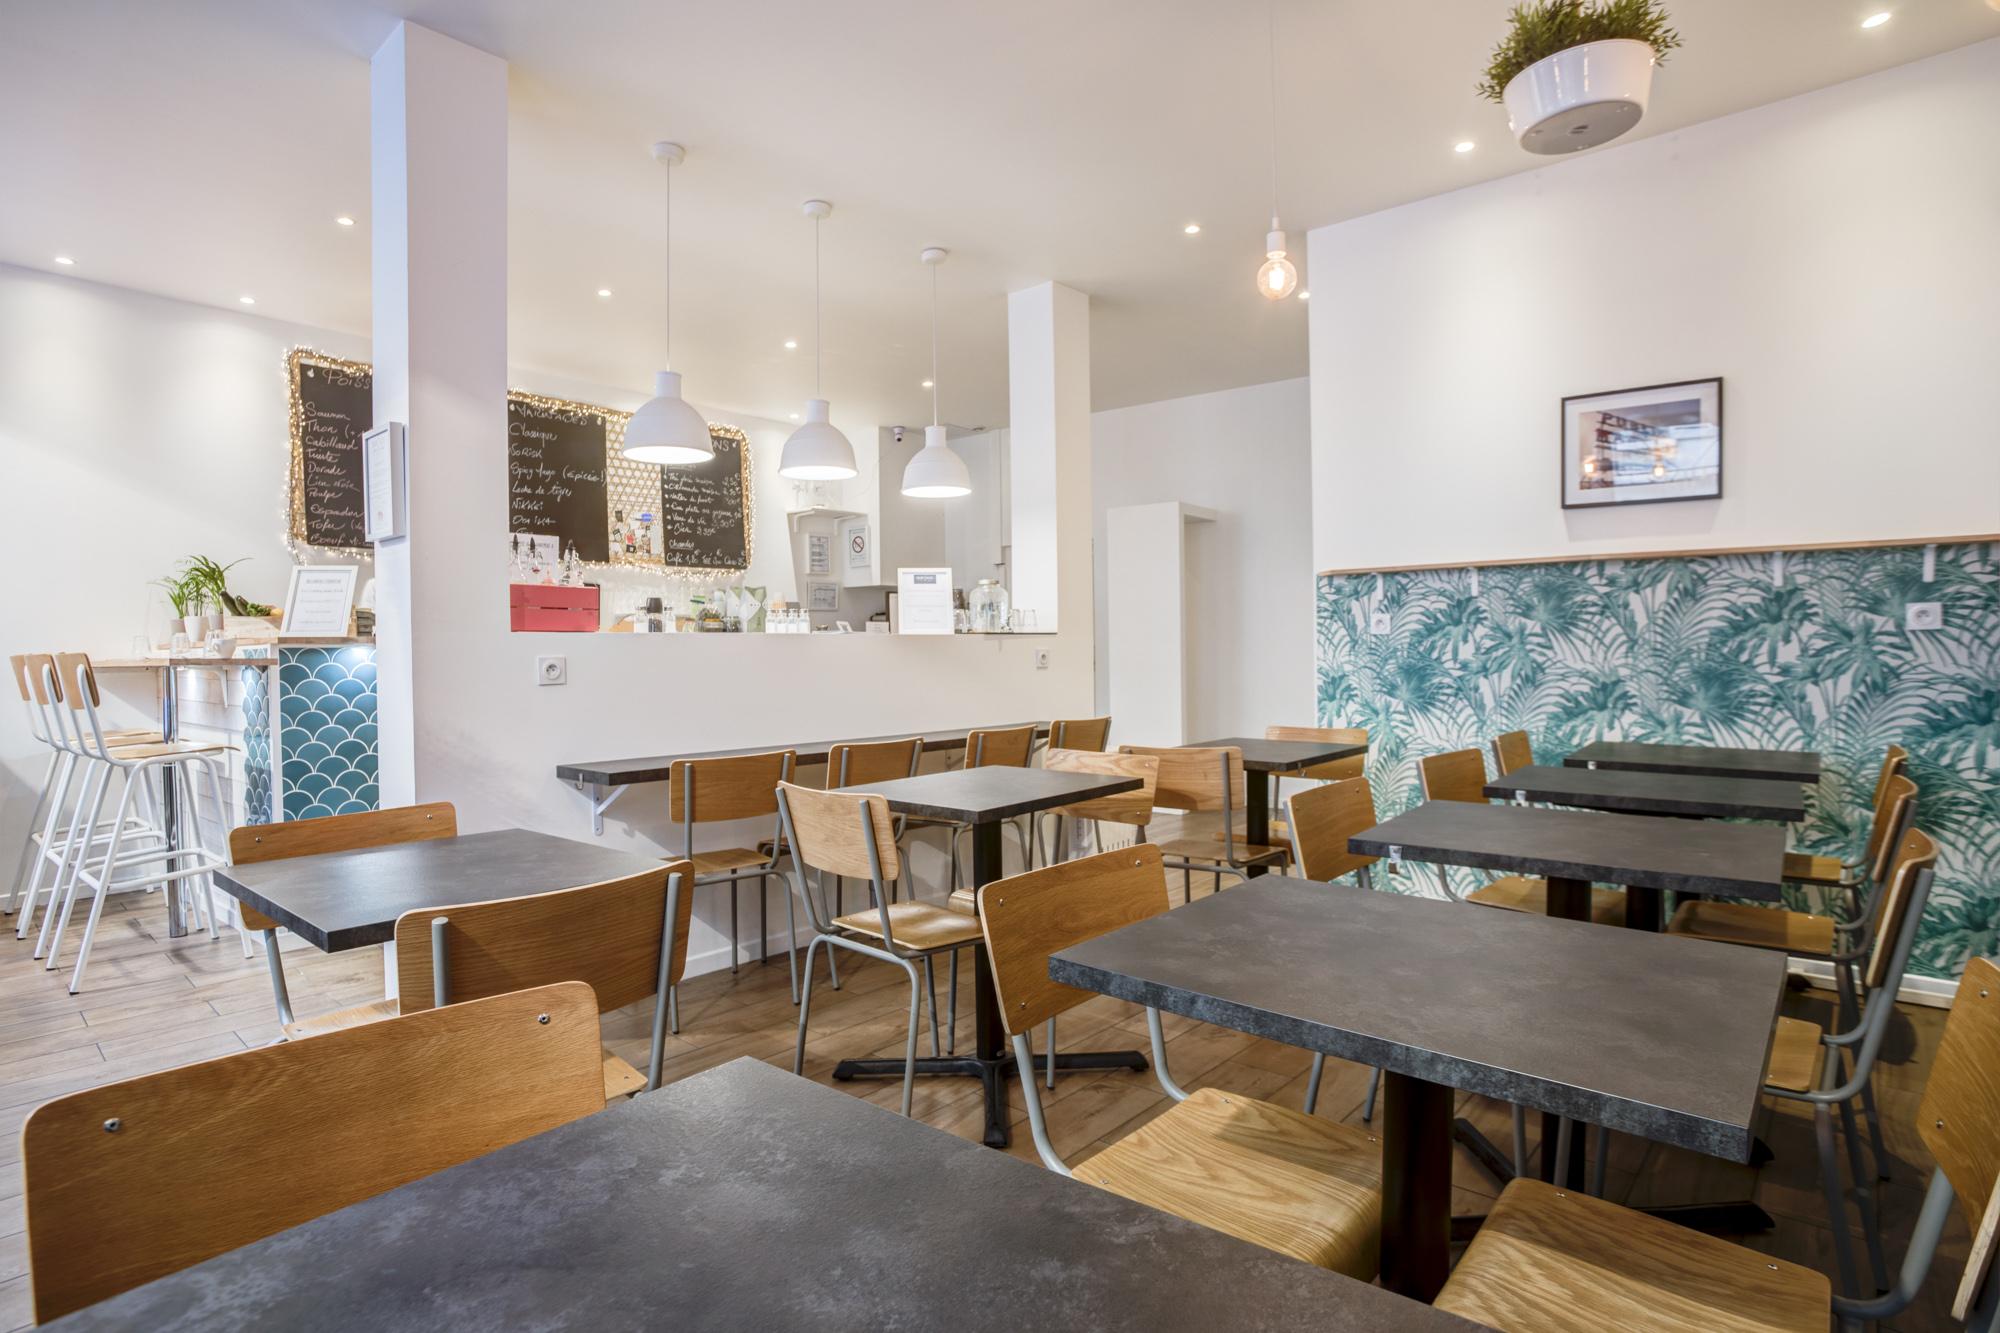 ceviche poke brunch restaurant lyon 2 skipjack (3).jpg